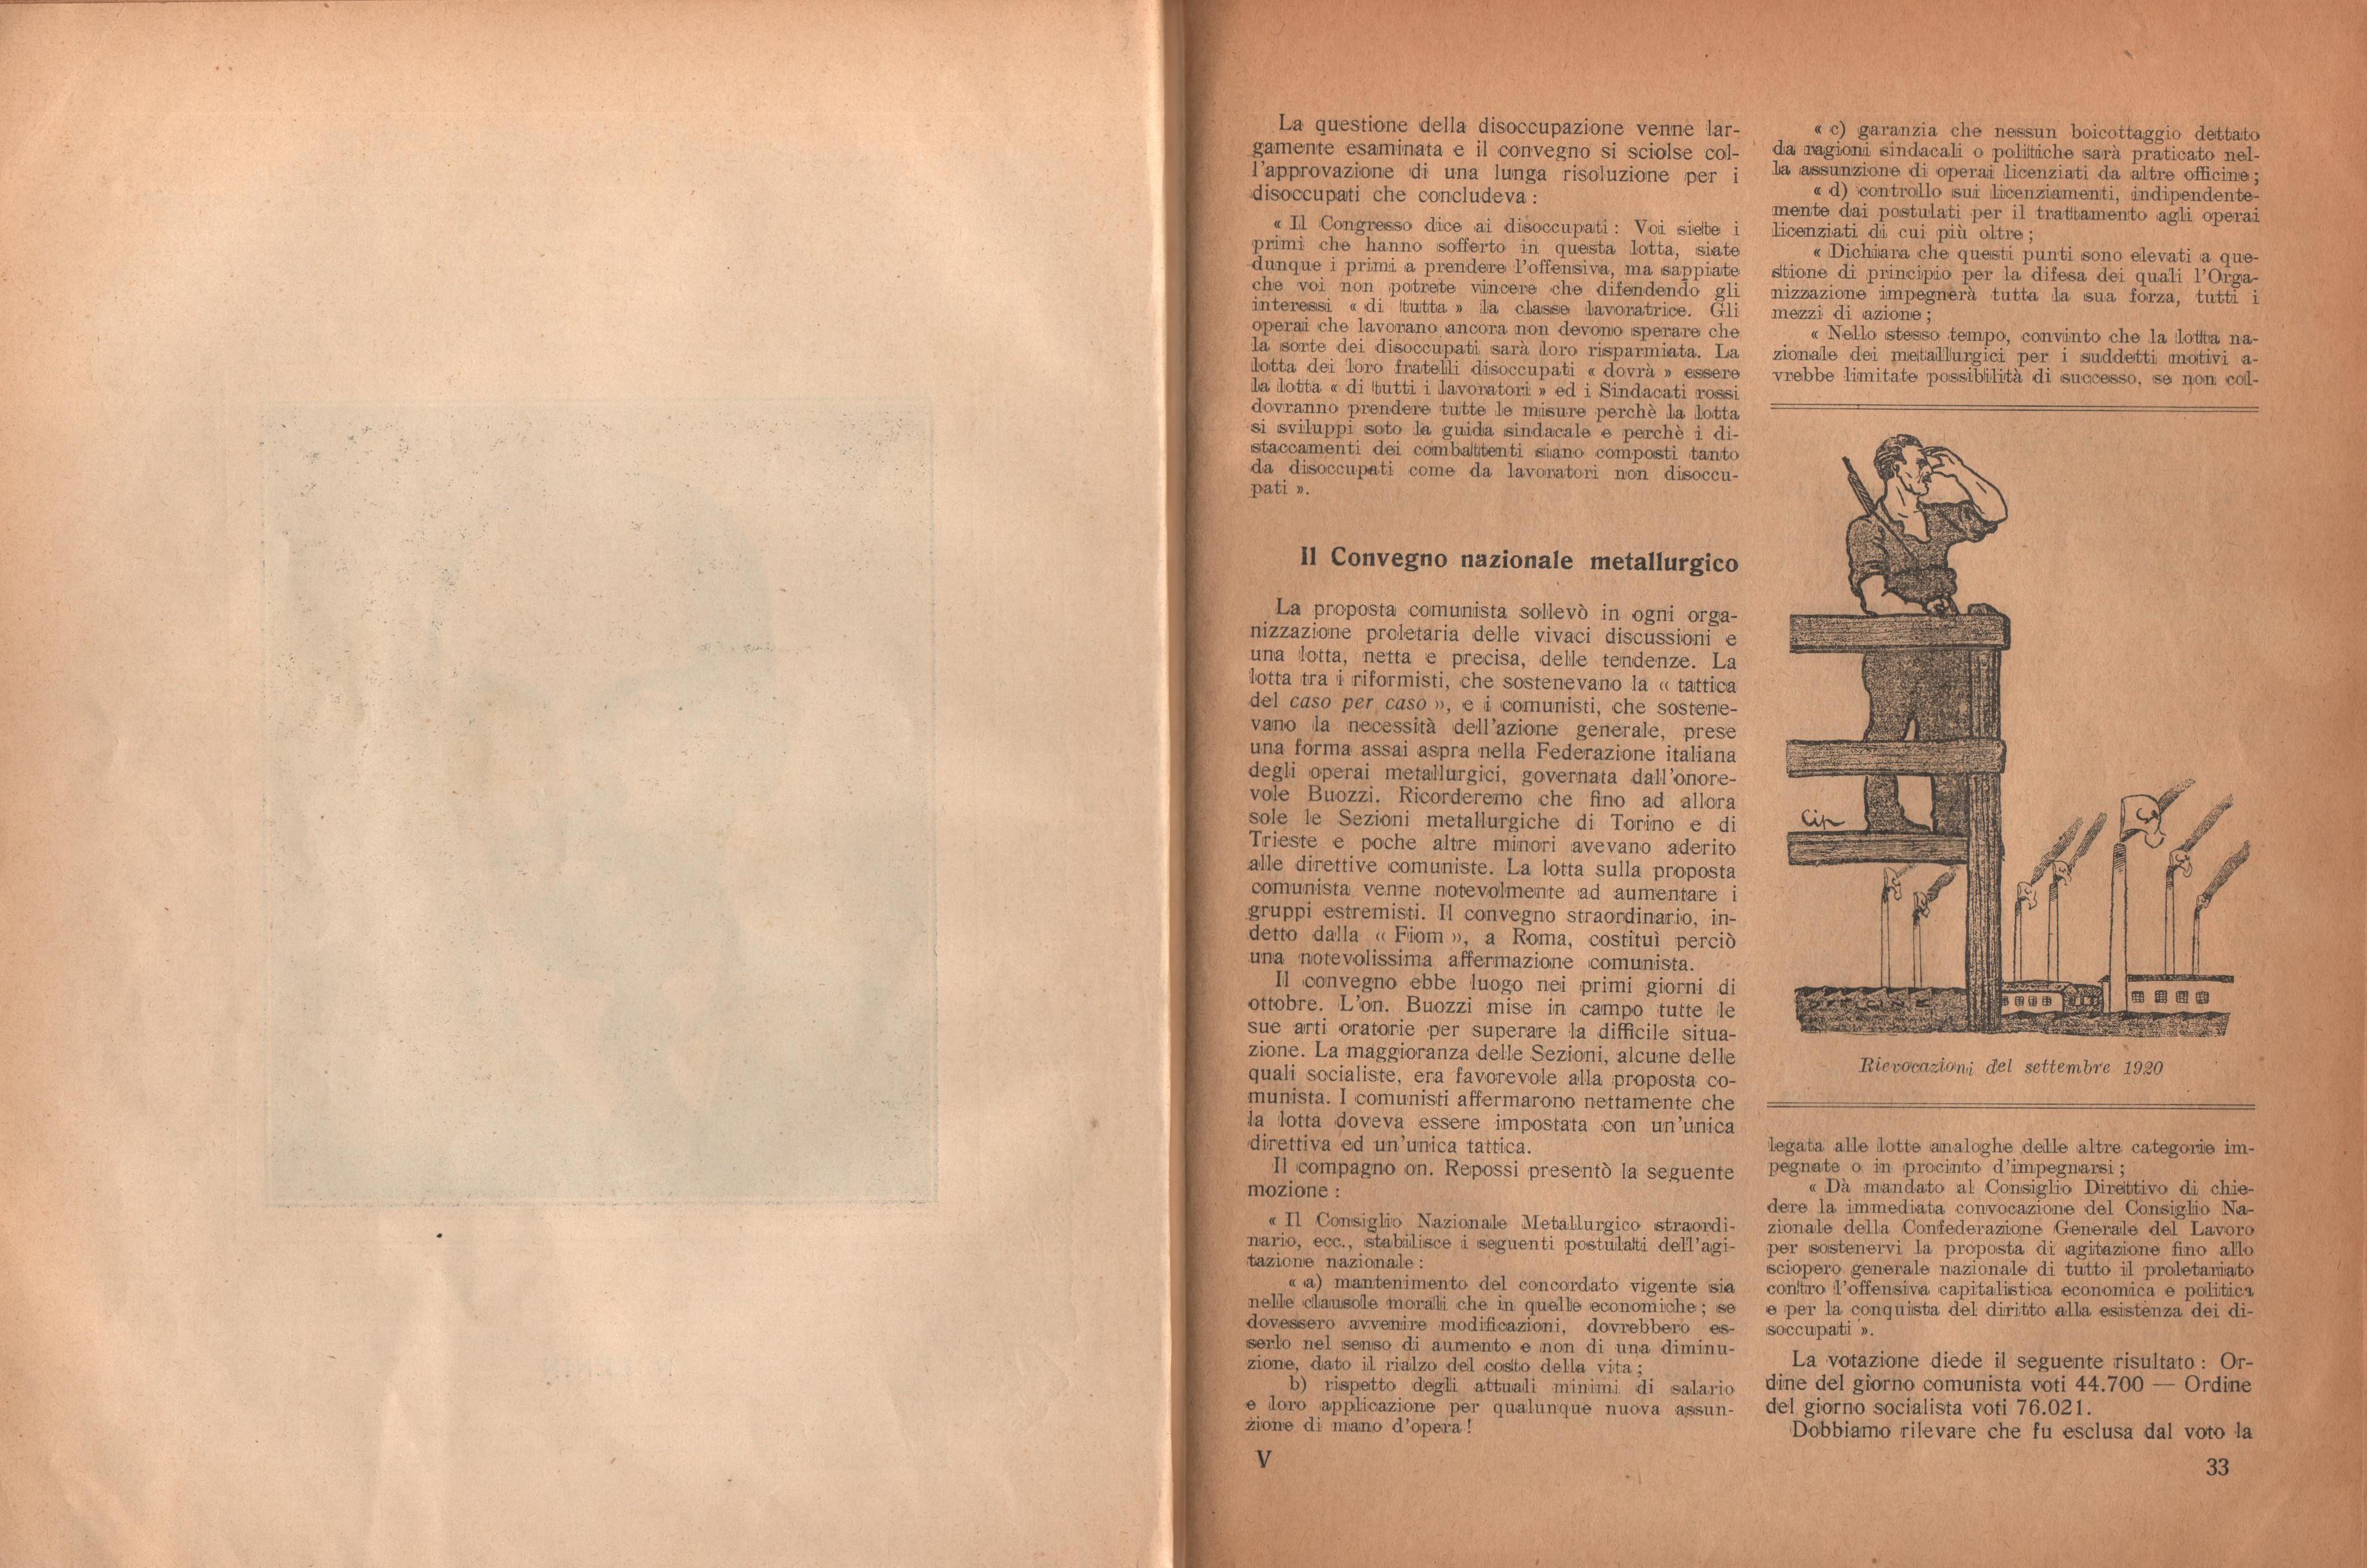 Almanacco comunista 1922 - pag. 20